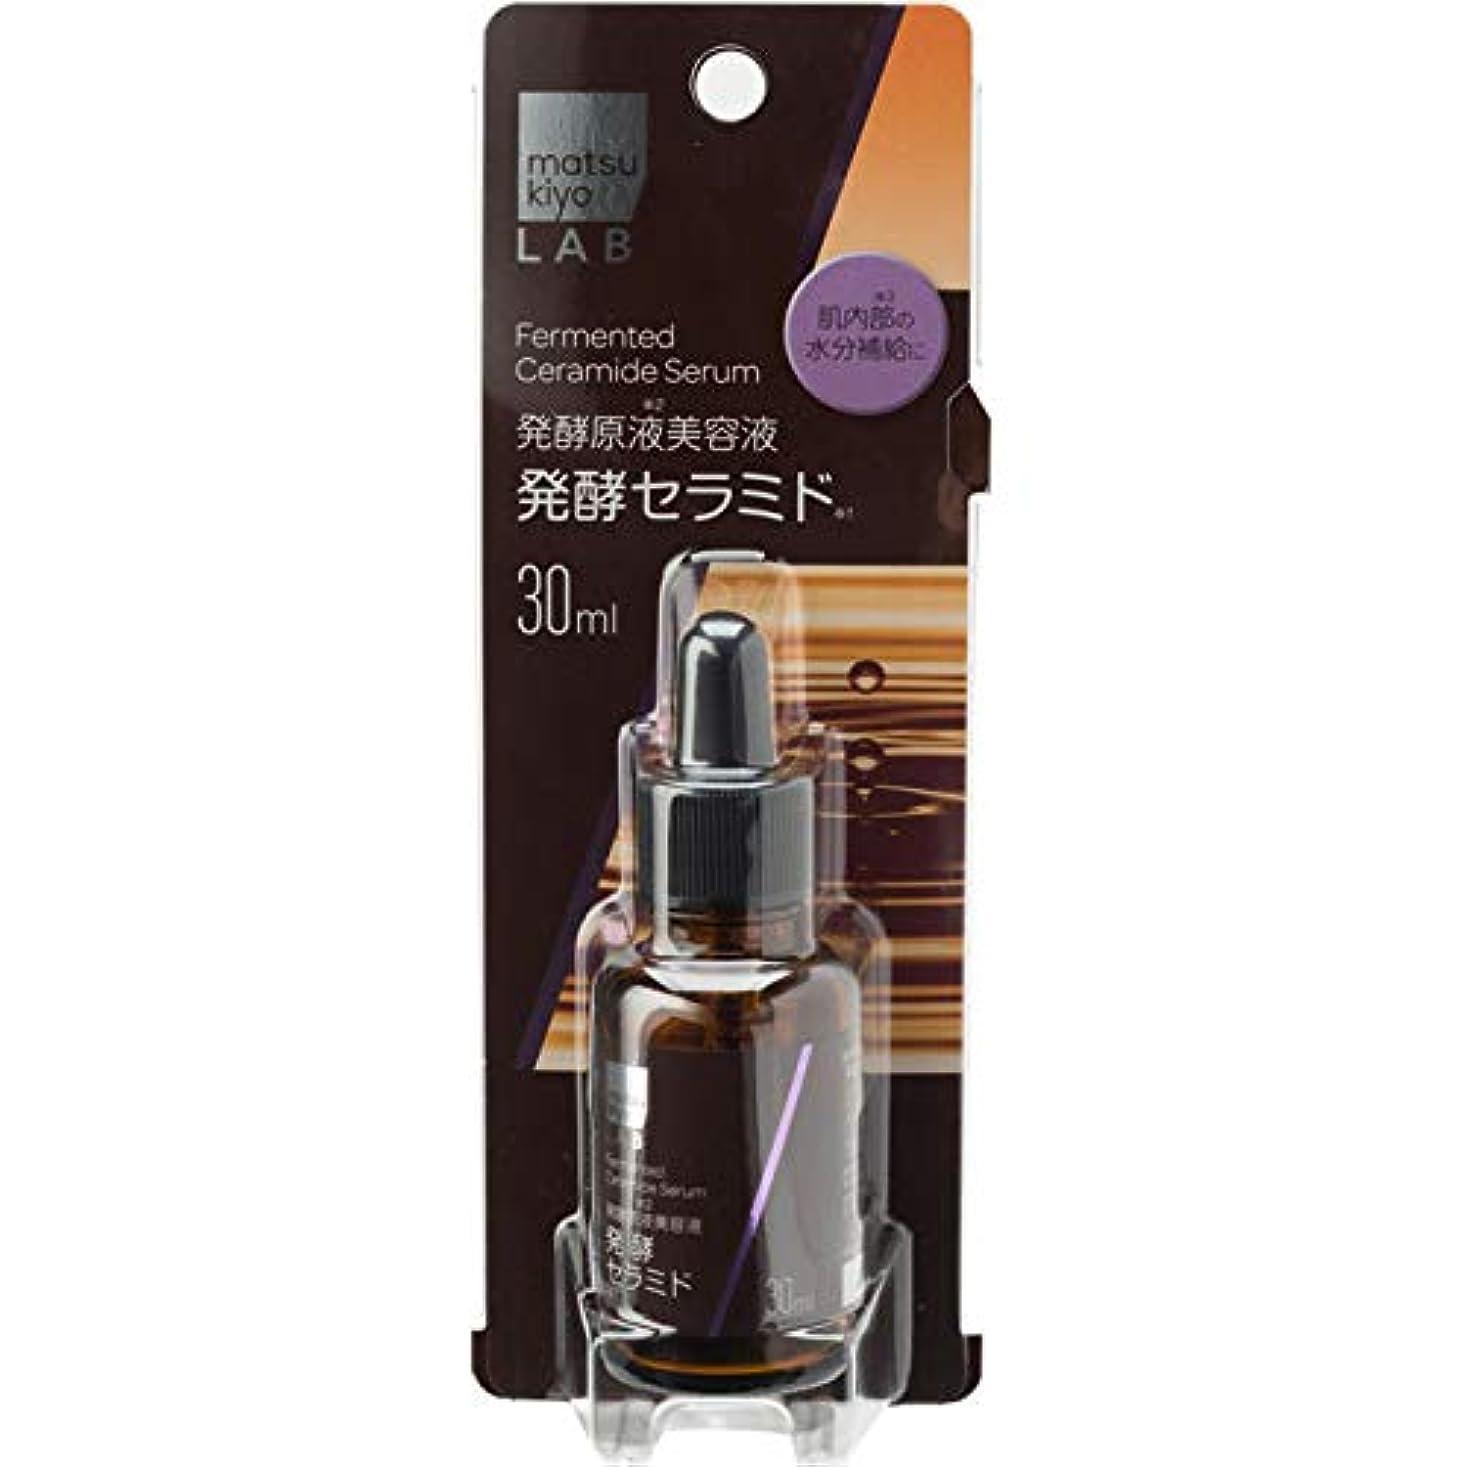 逮捕賞賛意志に反するmatsukiyo LAB 発酵原液美容液 セラミド 30ml